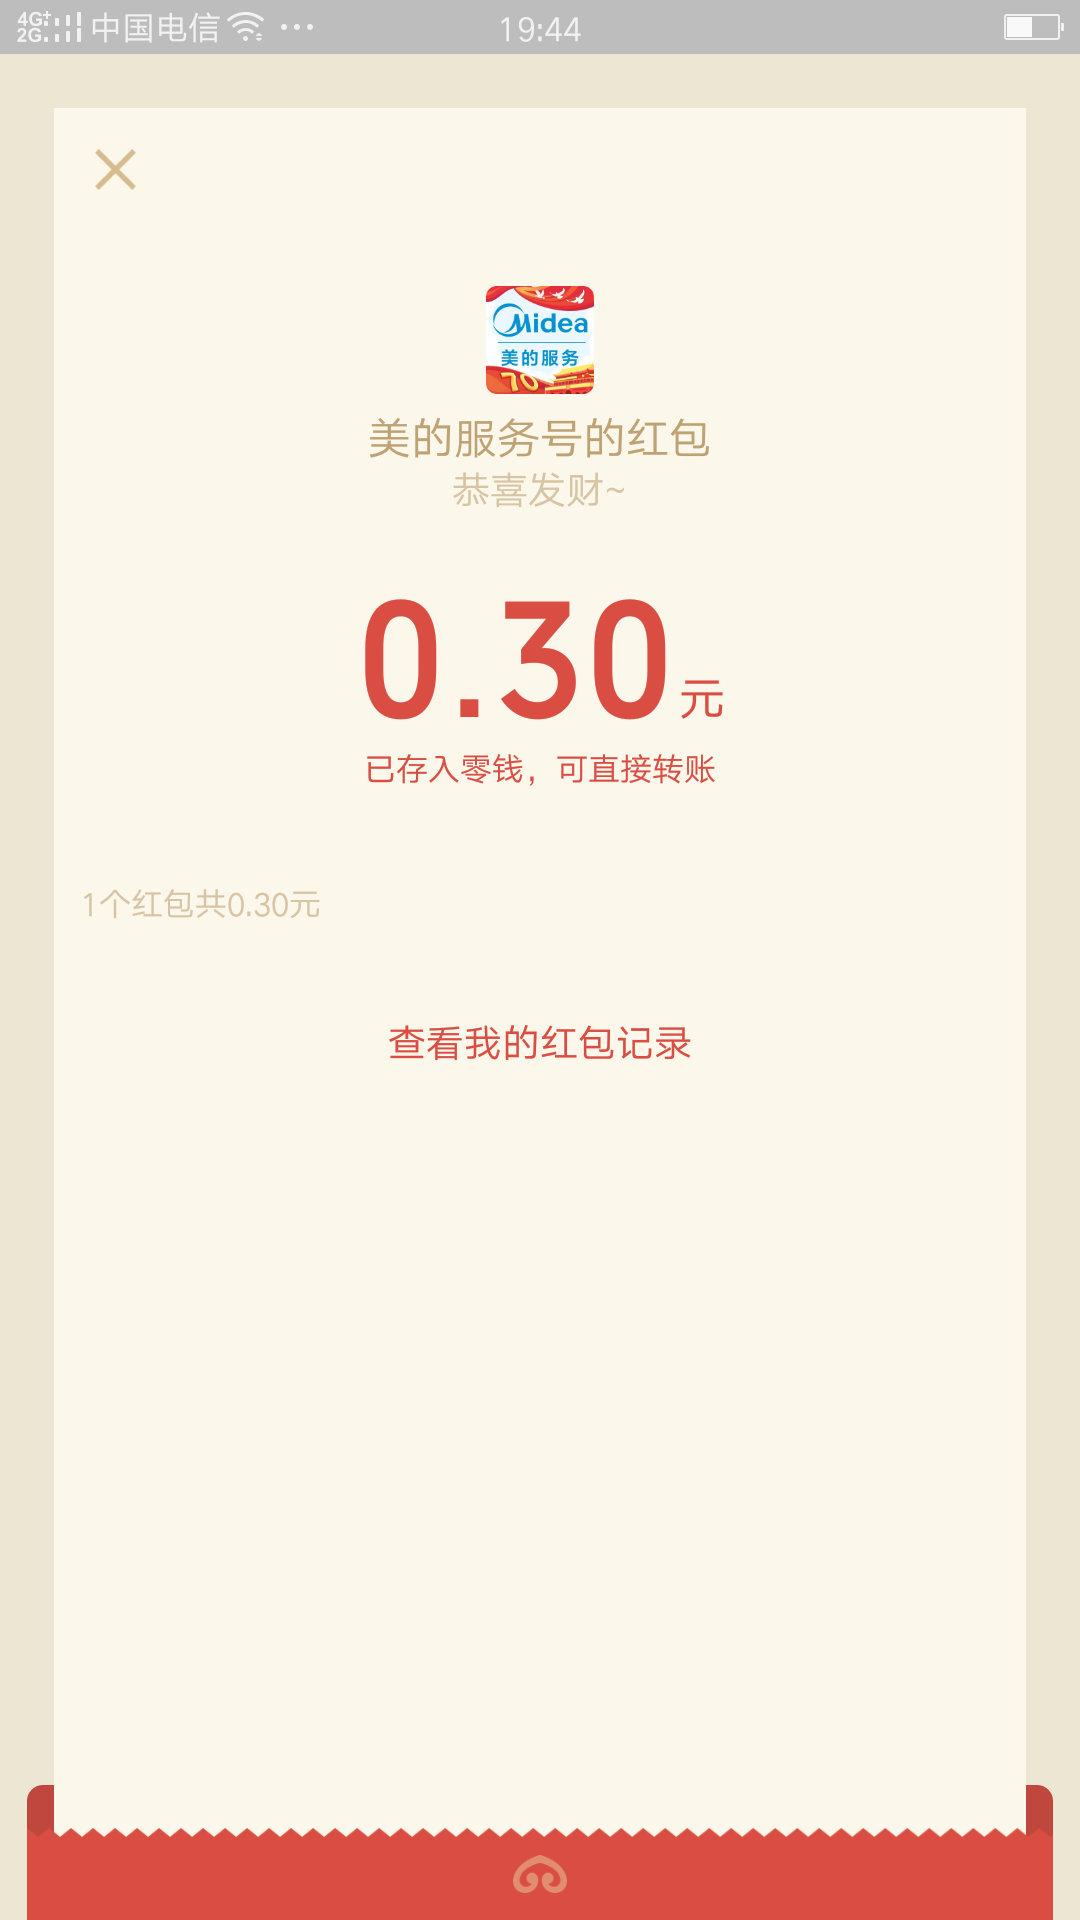 """微信搜索(美的服务)关注发送""""福利""""送0.3元 手机赚钱 第2张"""